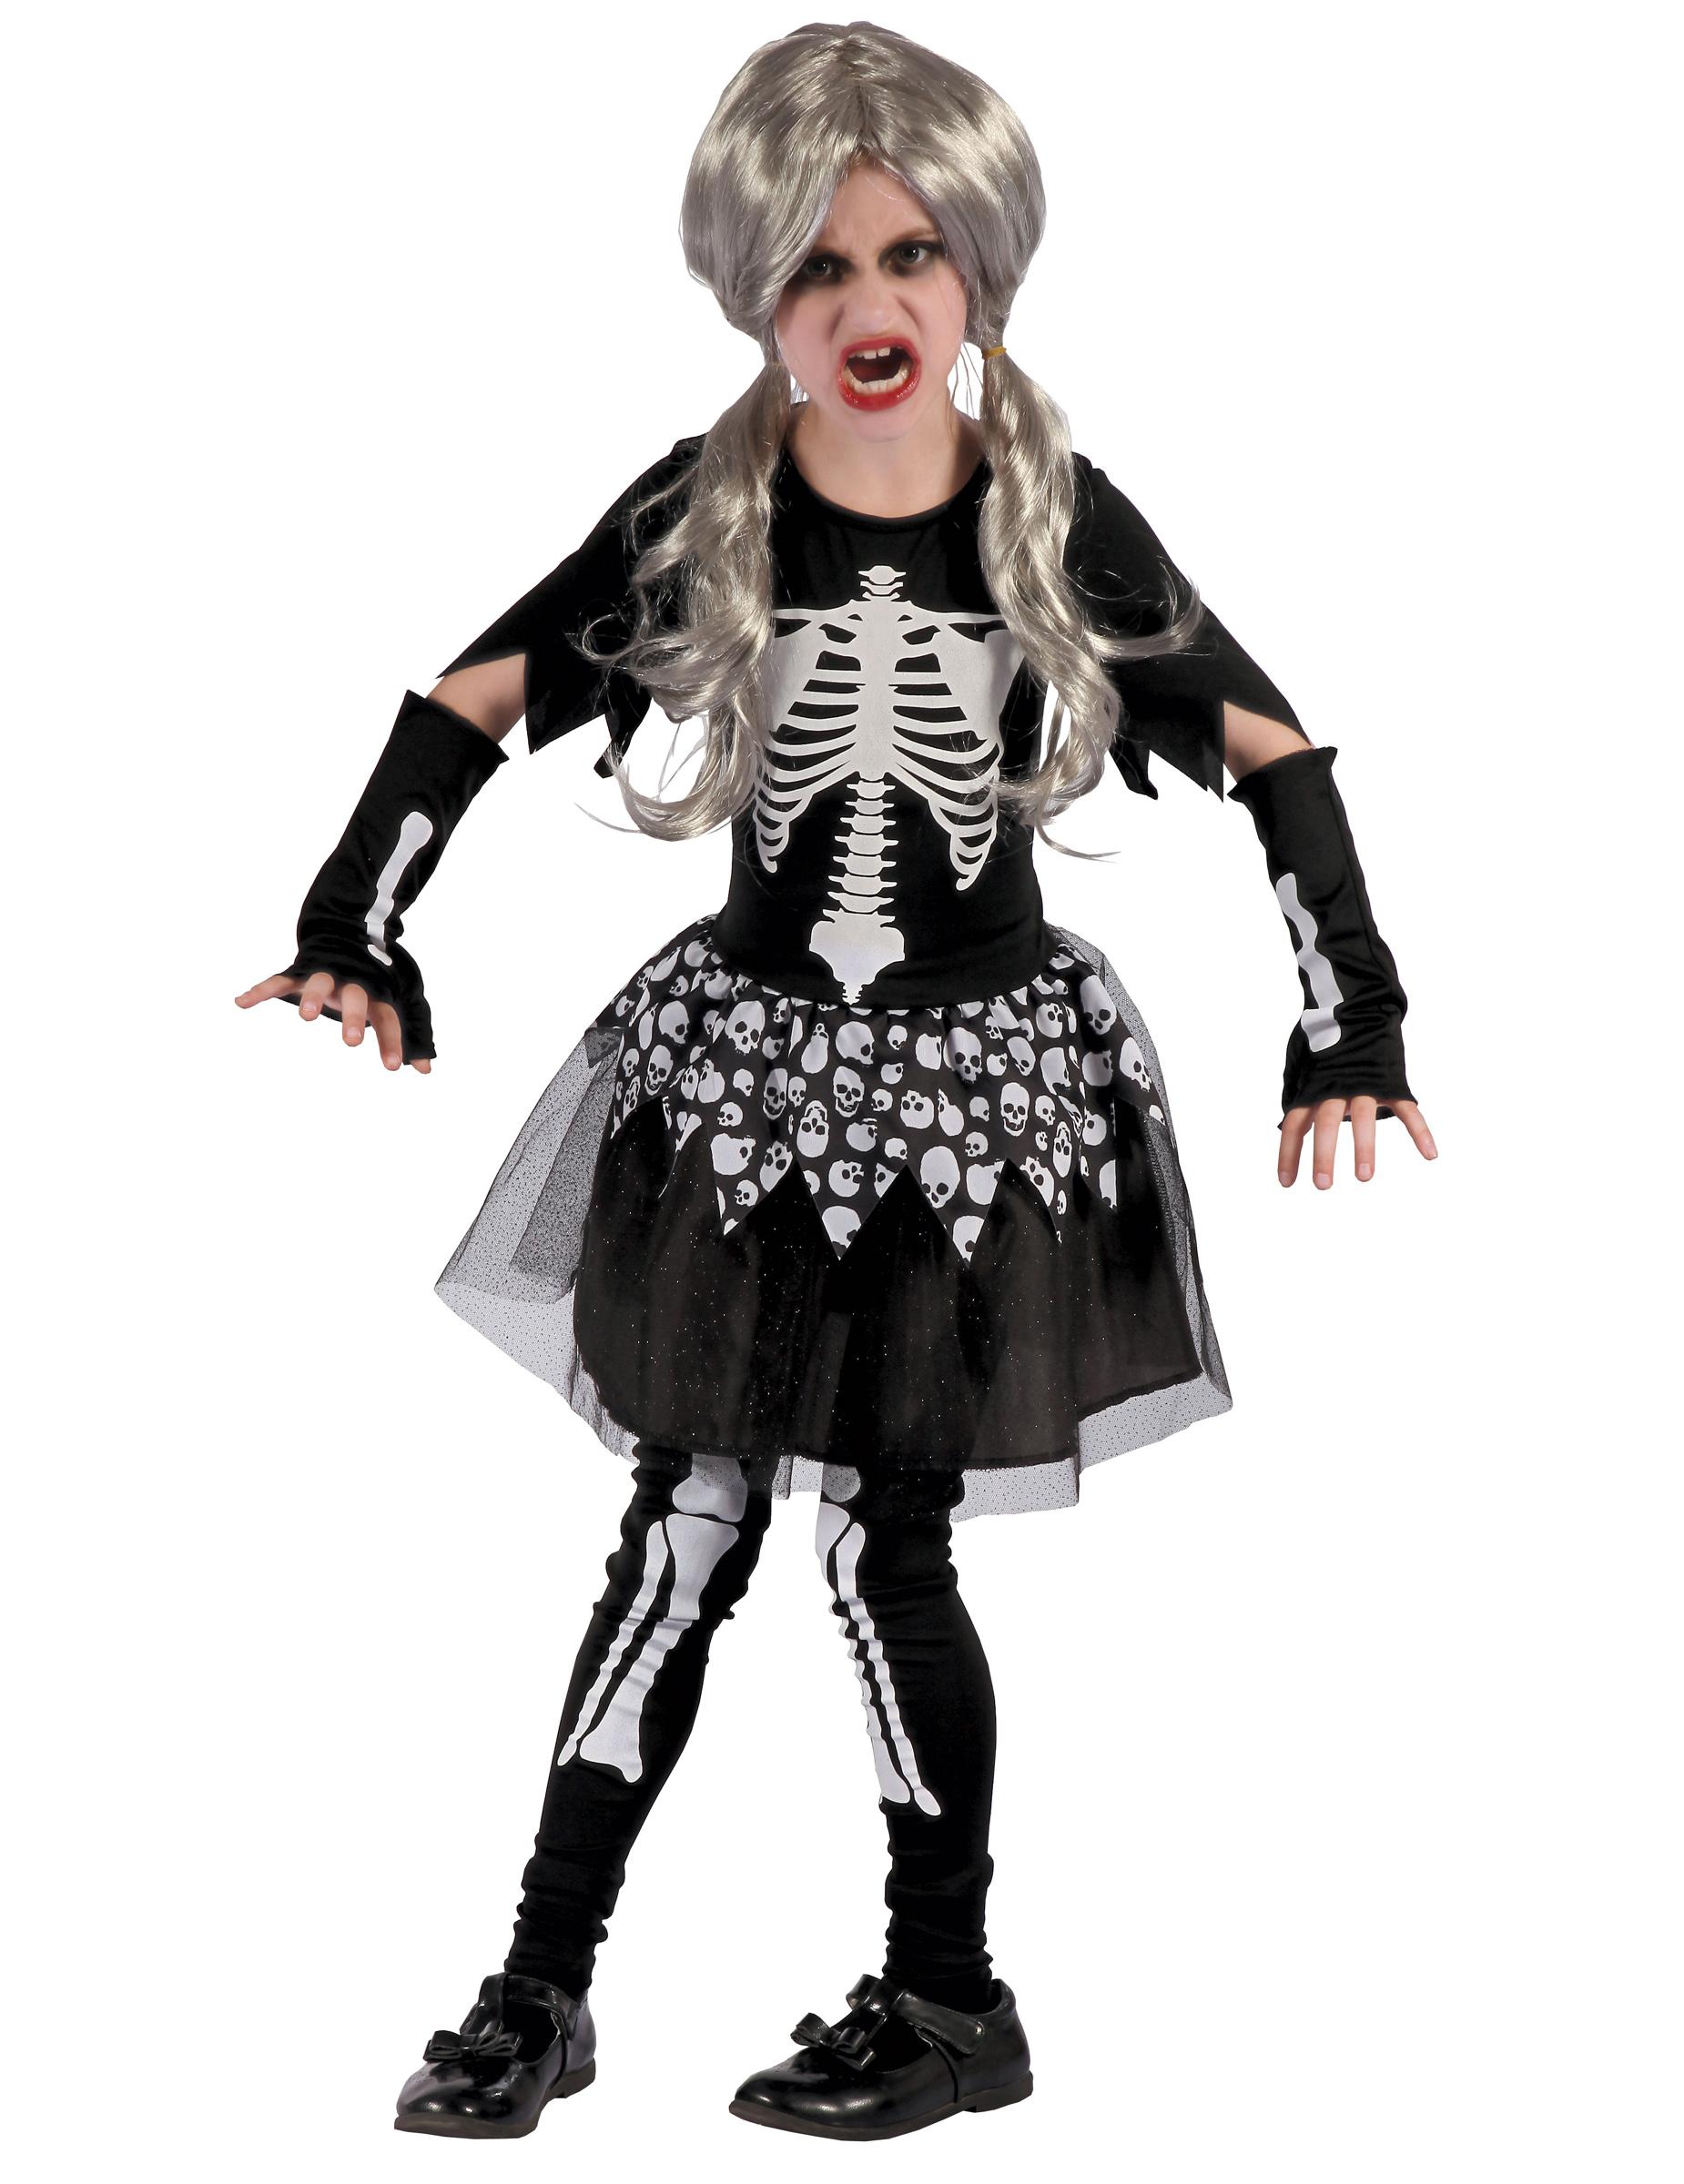 Ruskigt skelett - Halloweendräkt för barn 898d90cc28378